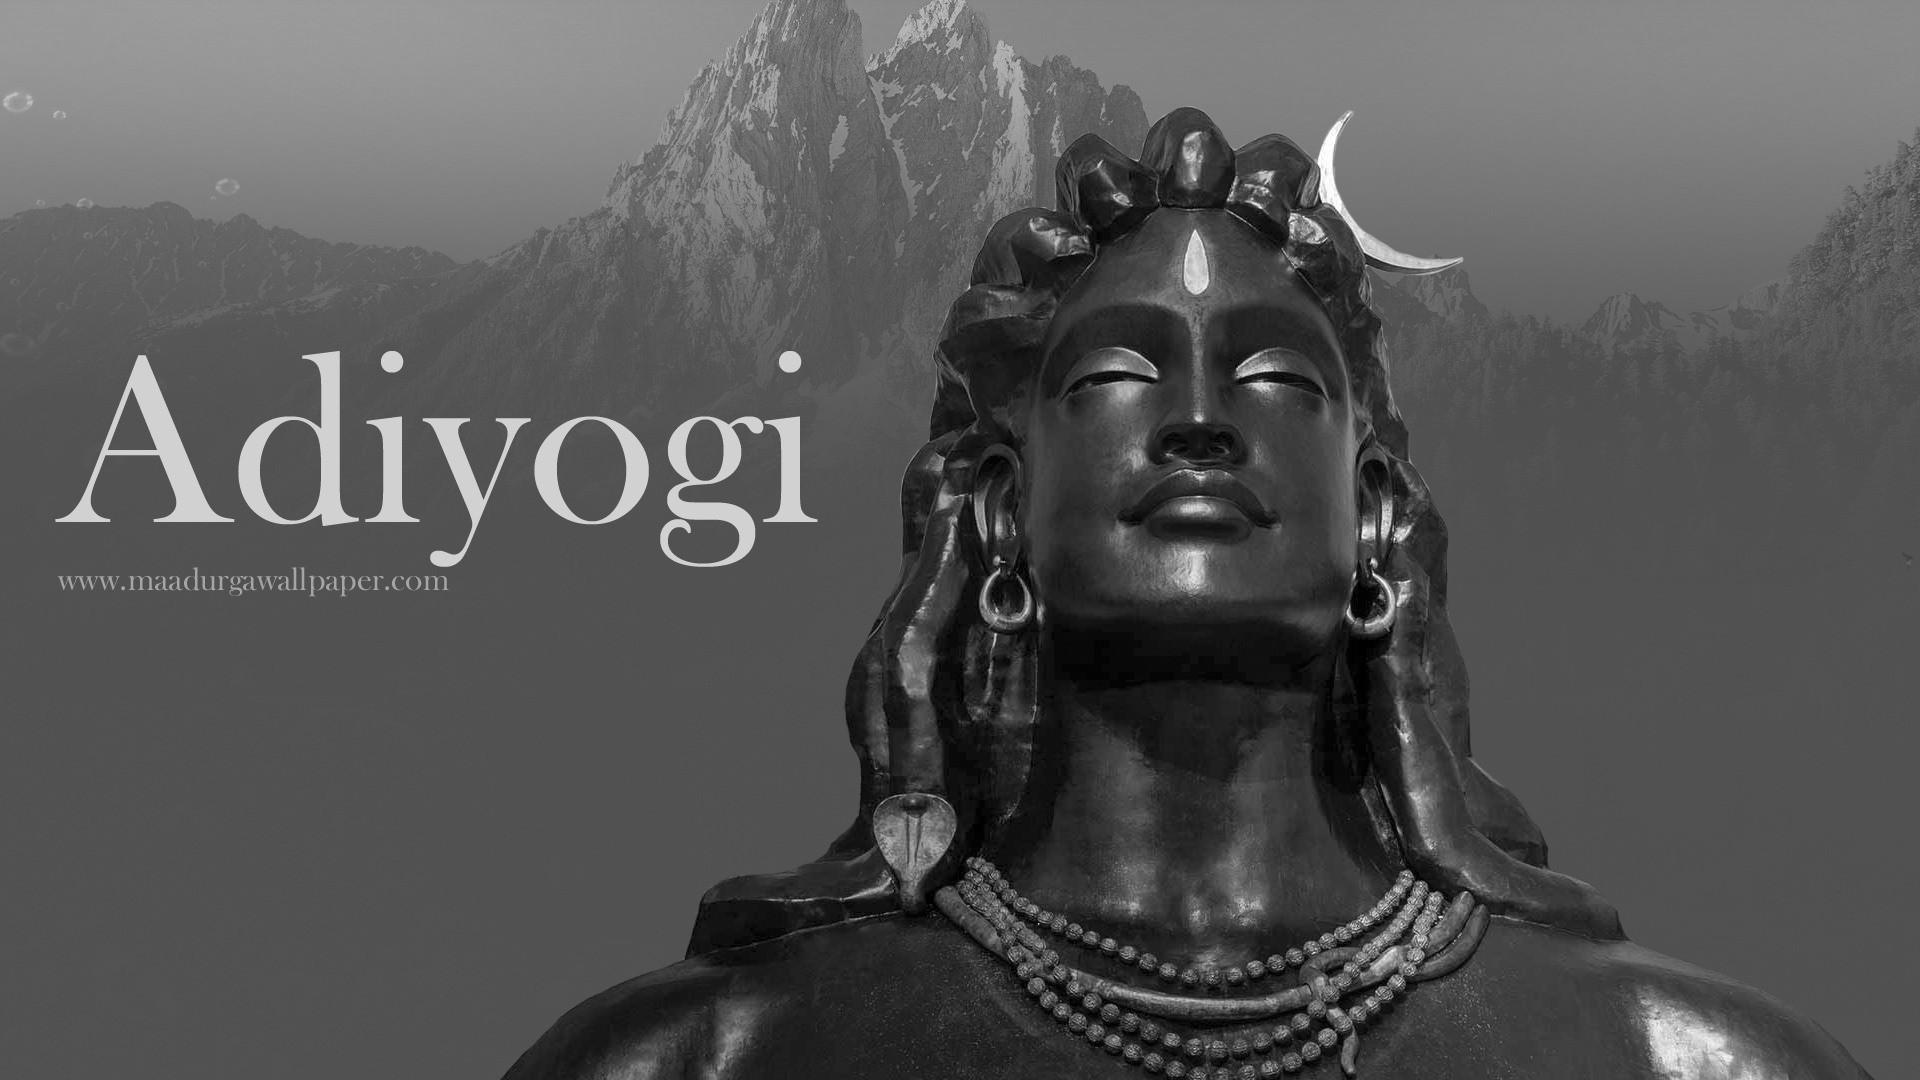 Adiyogi lord Shiva wallpaper